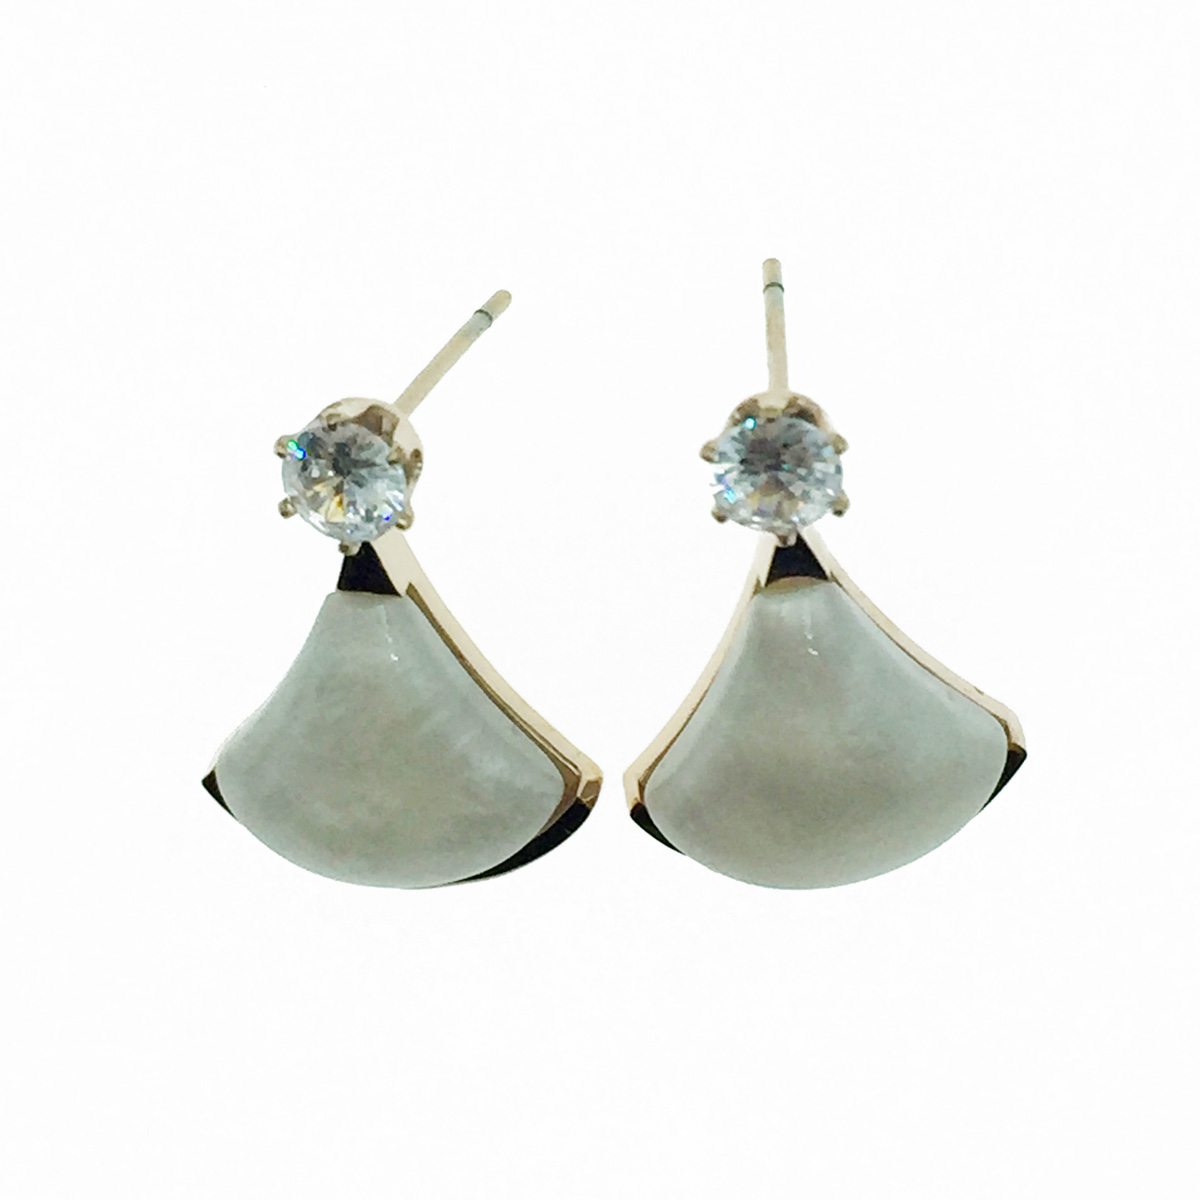 韓國 不鏽鋼 水鑽 人魚尾 大理石 質感 耳針式耳環